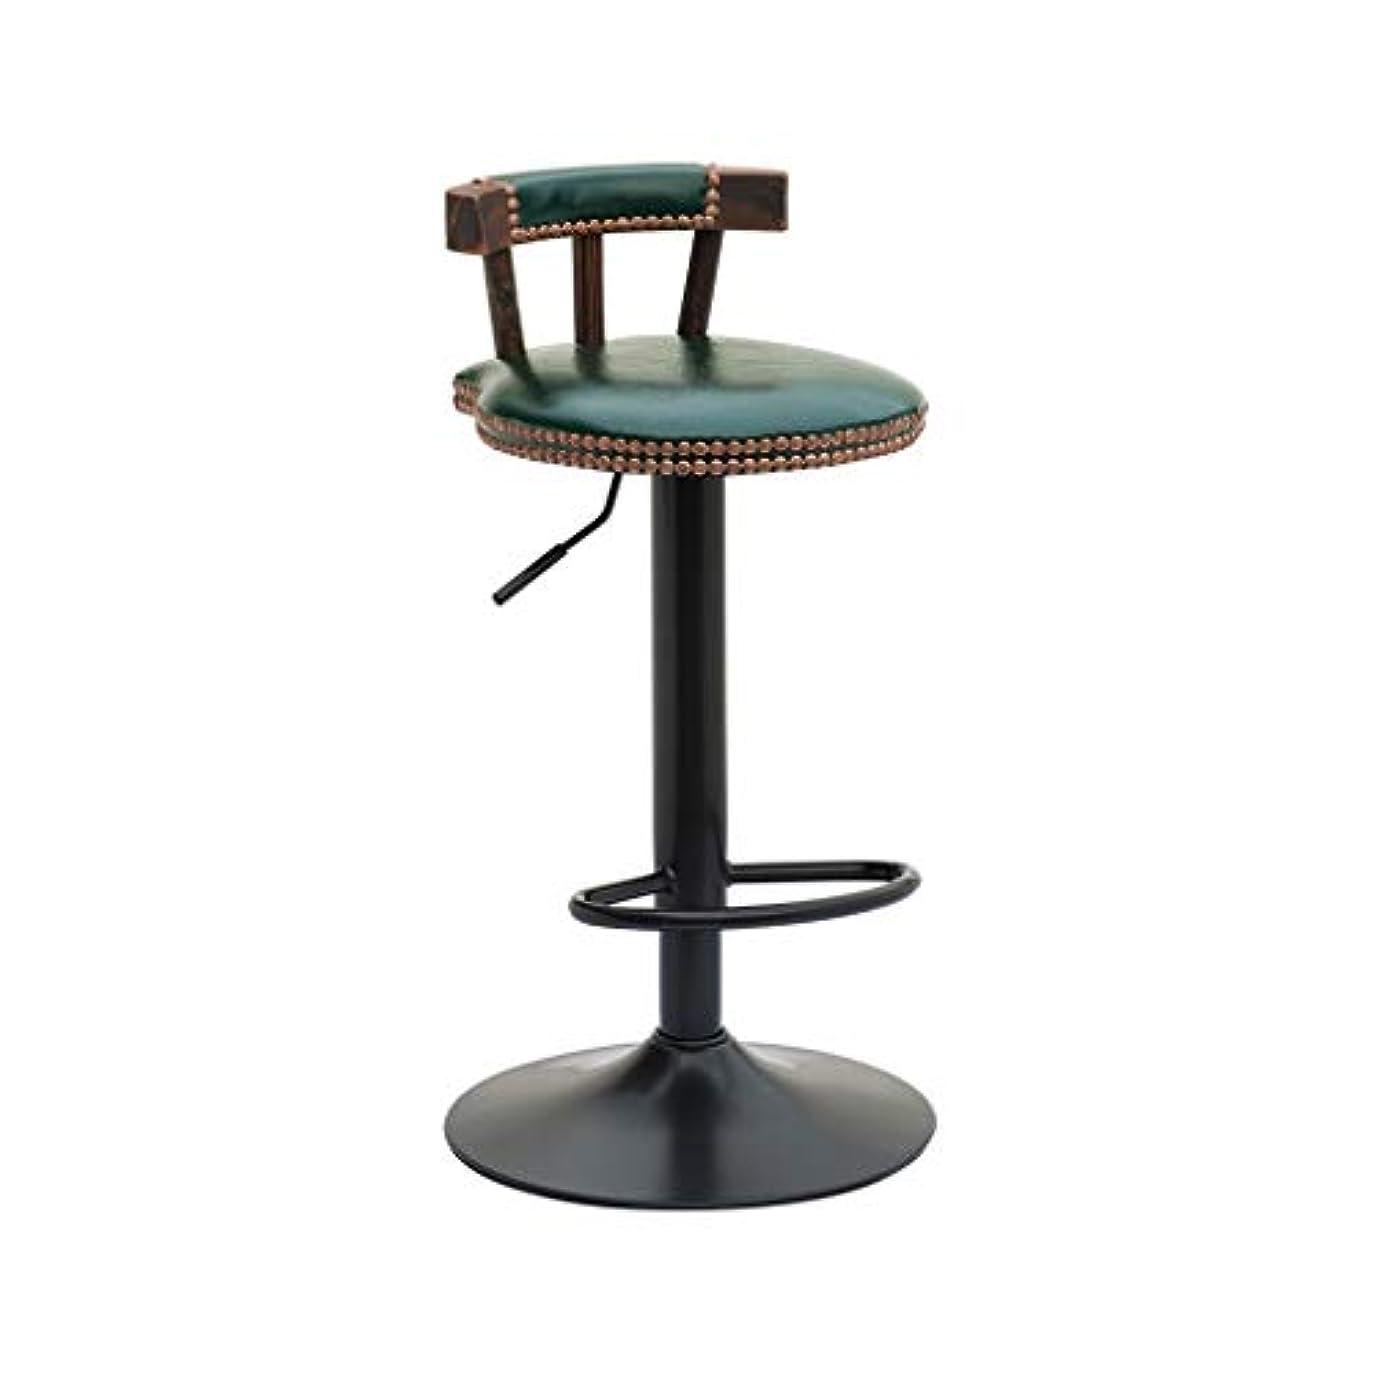 無駄だ最小化する豊富JYX バースツール、ソリッドウッド製シートバックレストハイスツールリフト回転家庭用朝食ダイニングチェアレジャーカウンターチェア受付椅子